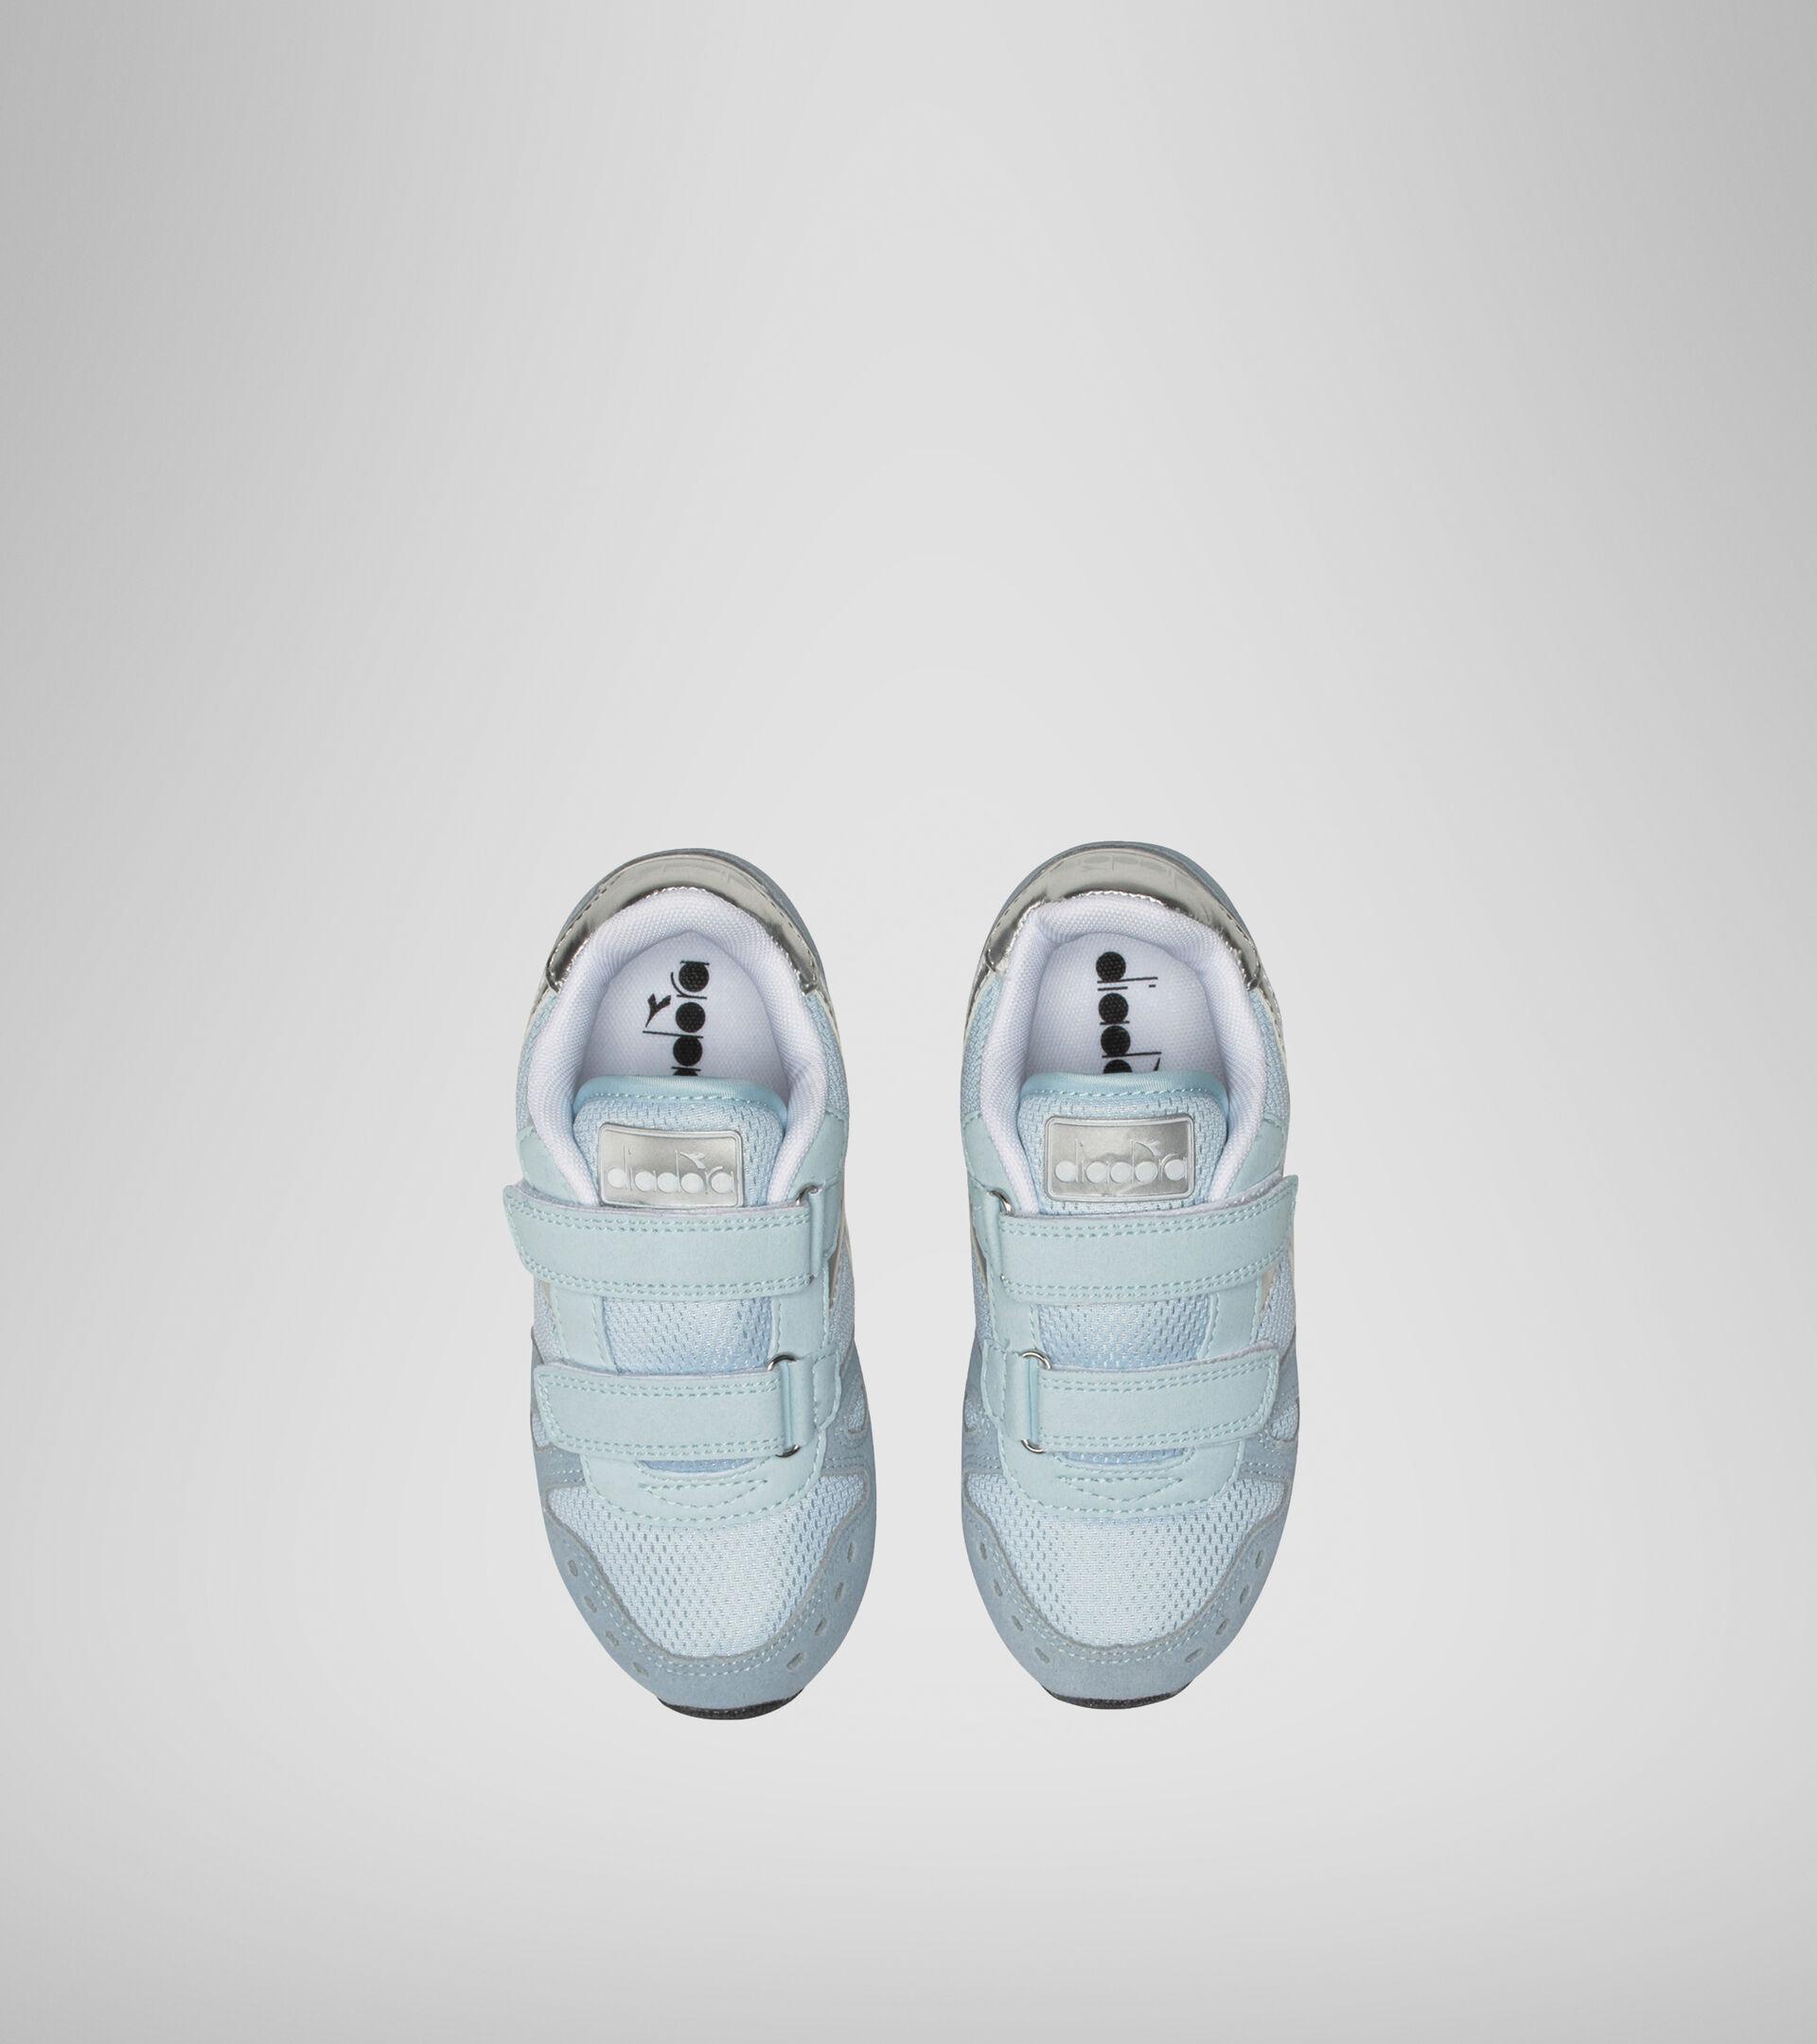 Footwear Sport BAMBINO SIMPLE RUN PS GIRL AZZURRO STELLARE Diadora